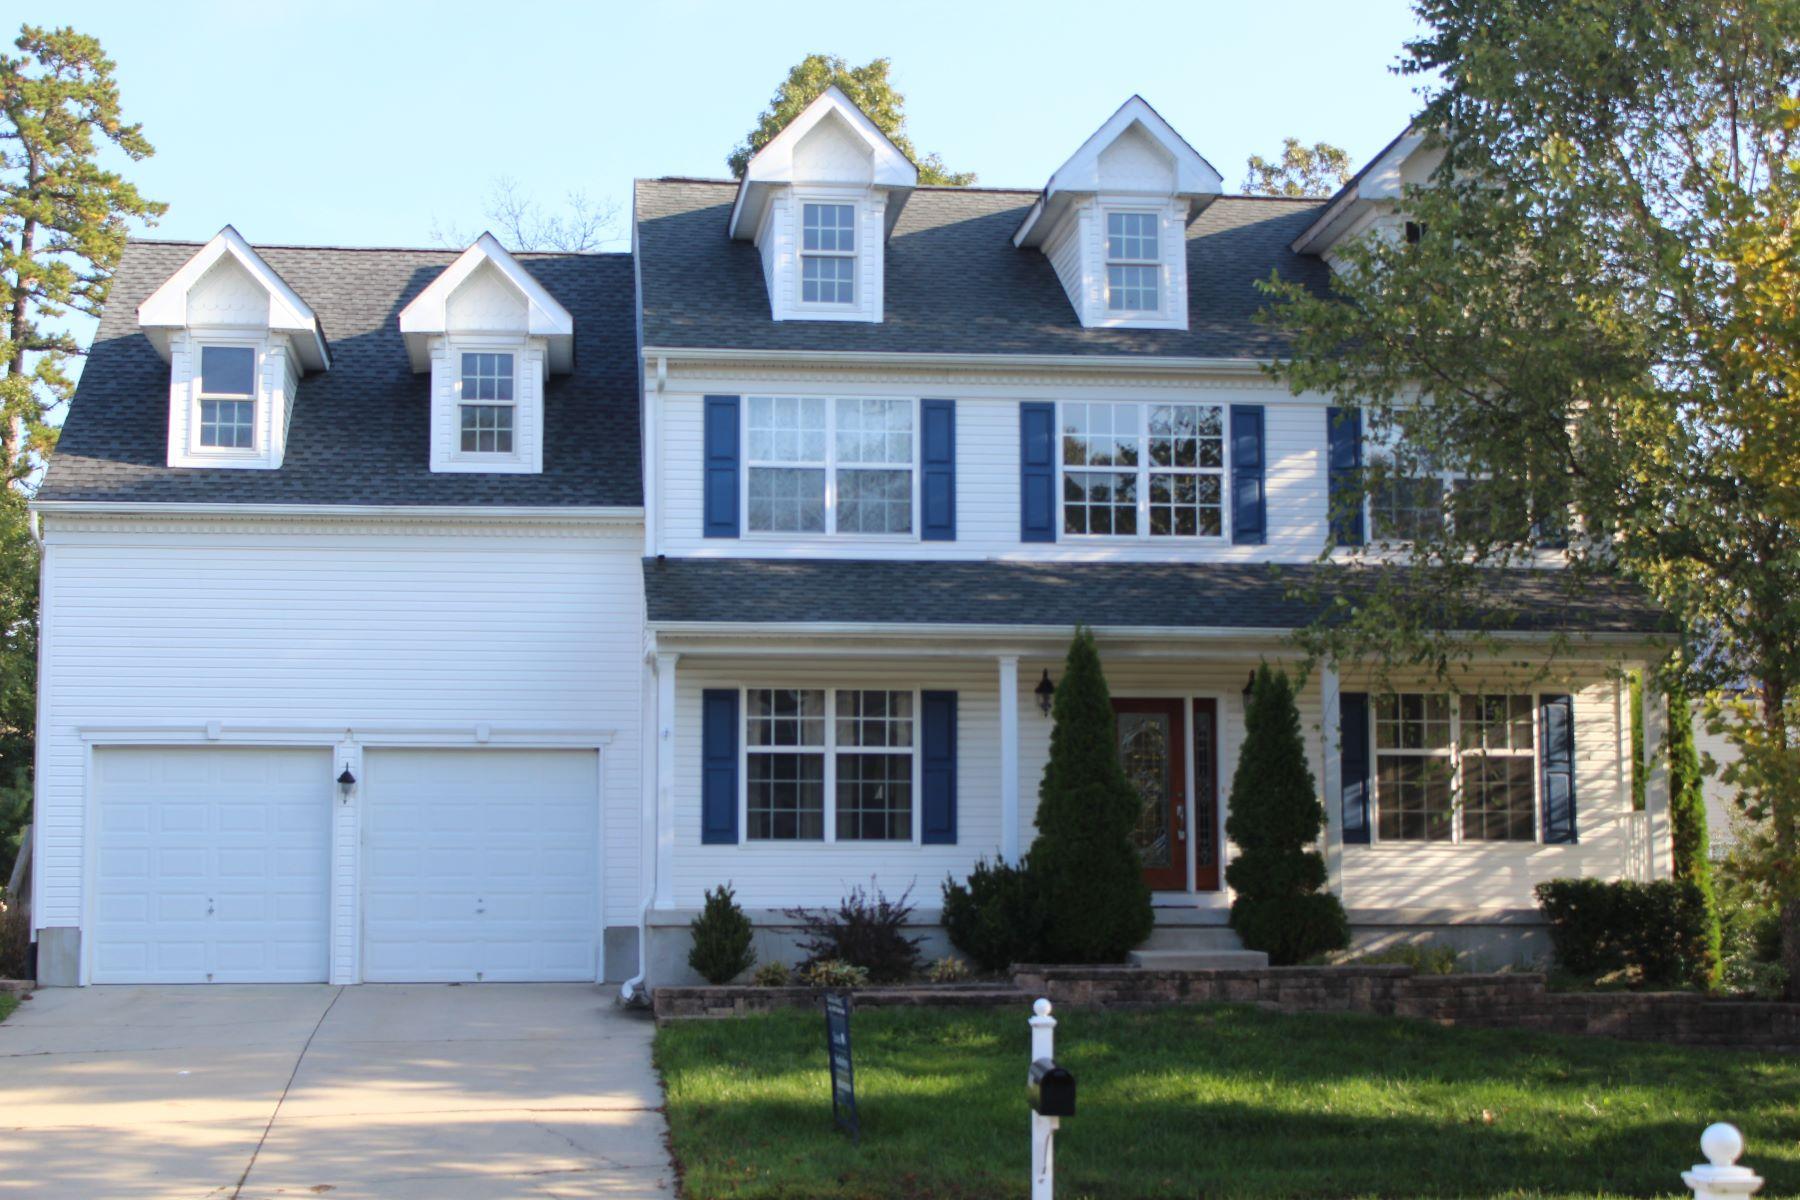 独户住宅 为 销售 在 103 Offshore Road 蛋港镇, 新泽西州 08234 美国